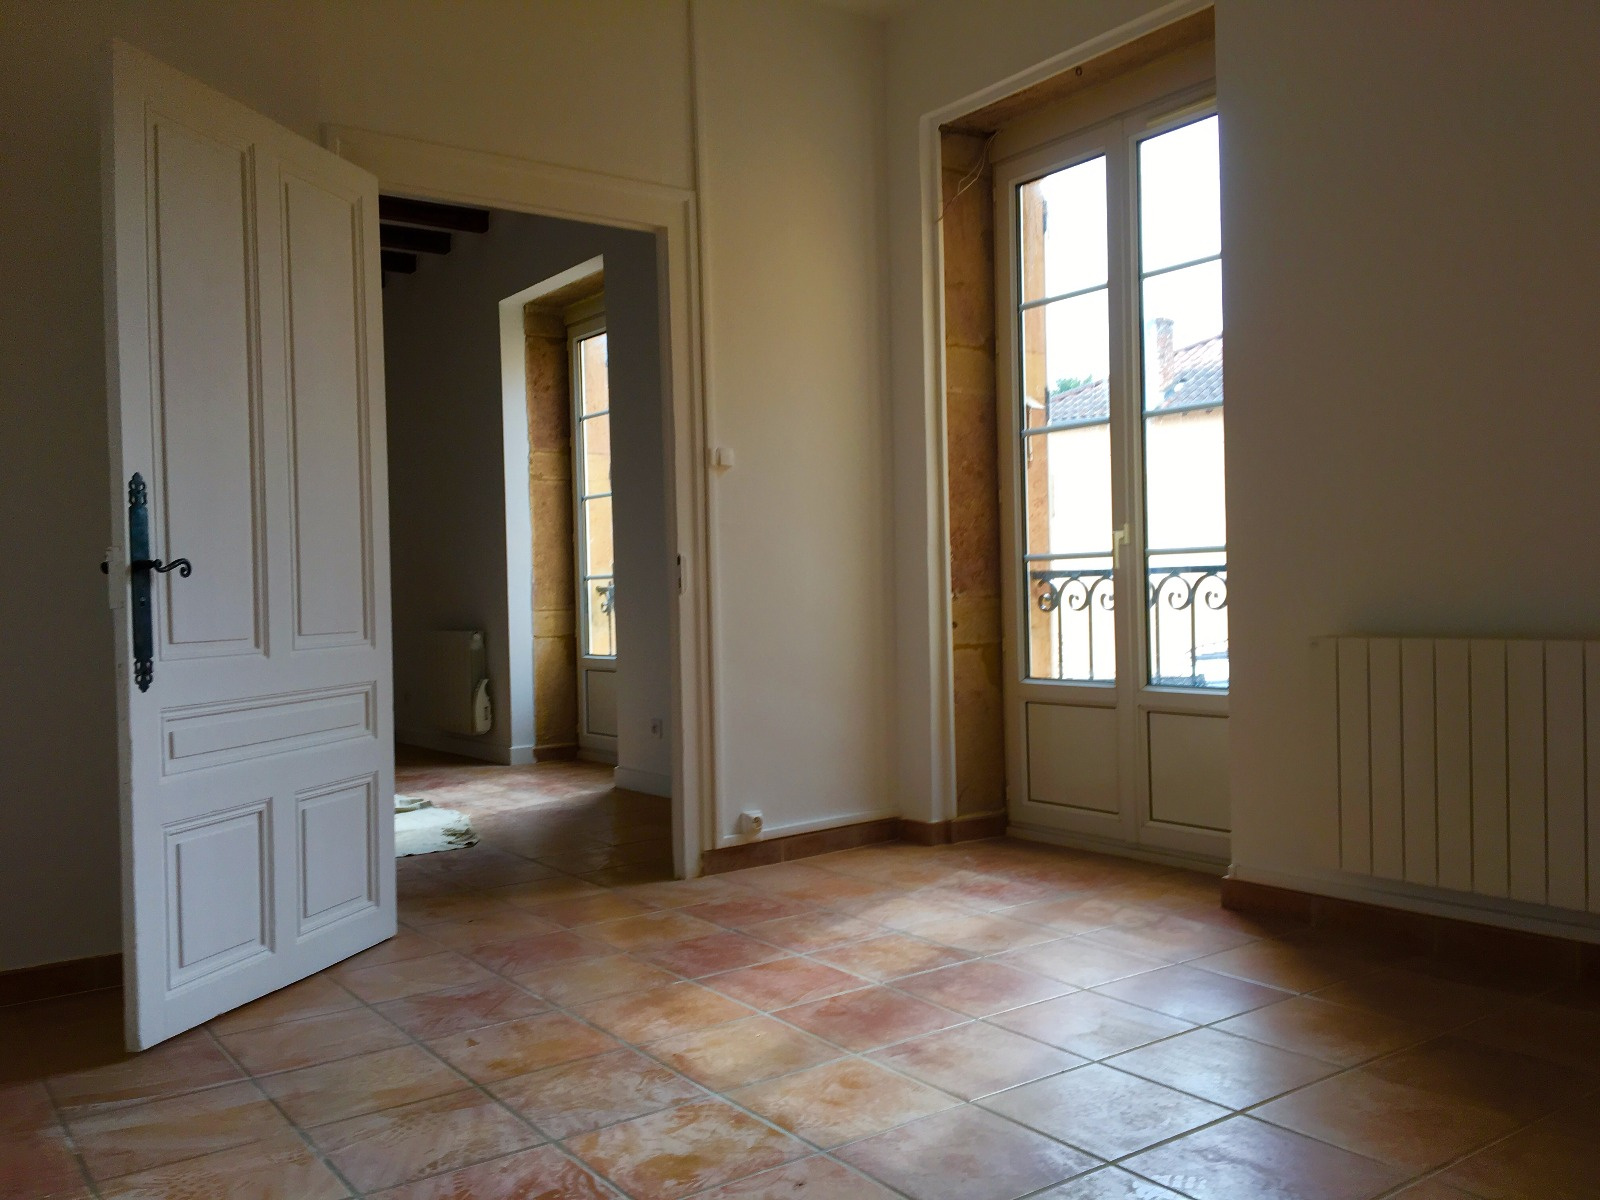 Offres de location Duplex Villefranche sur saone (69400)